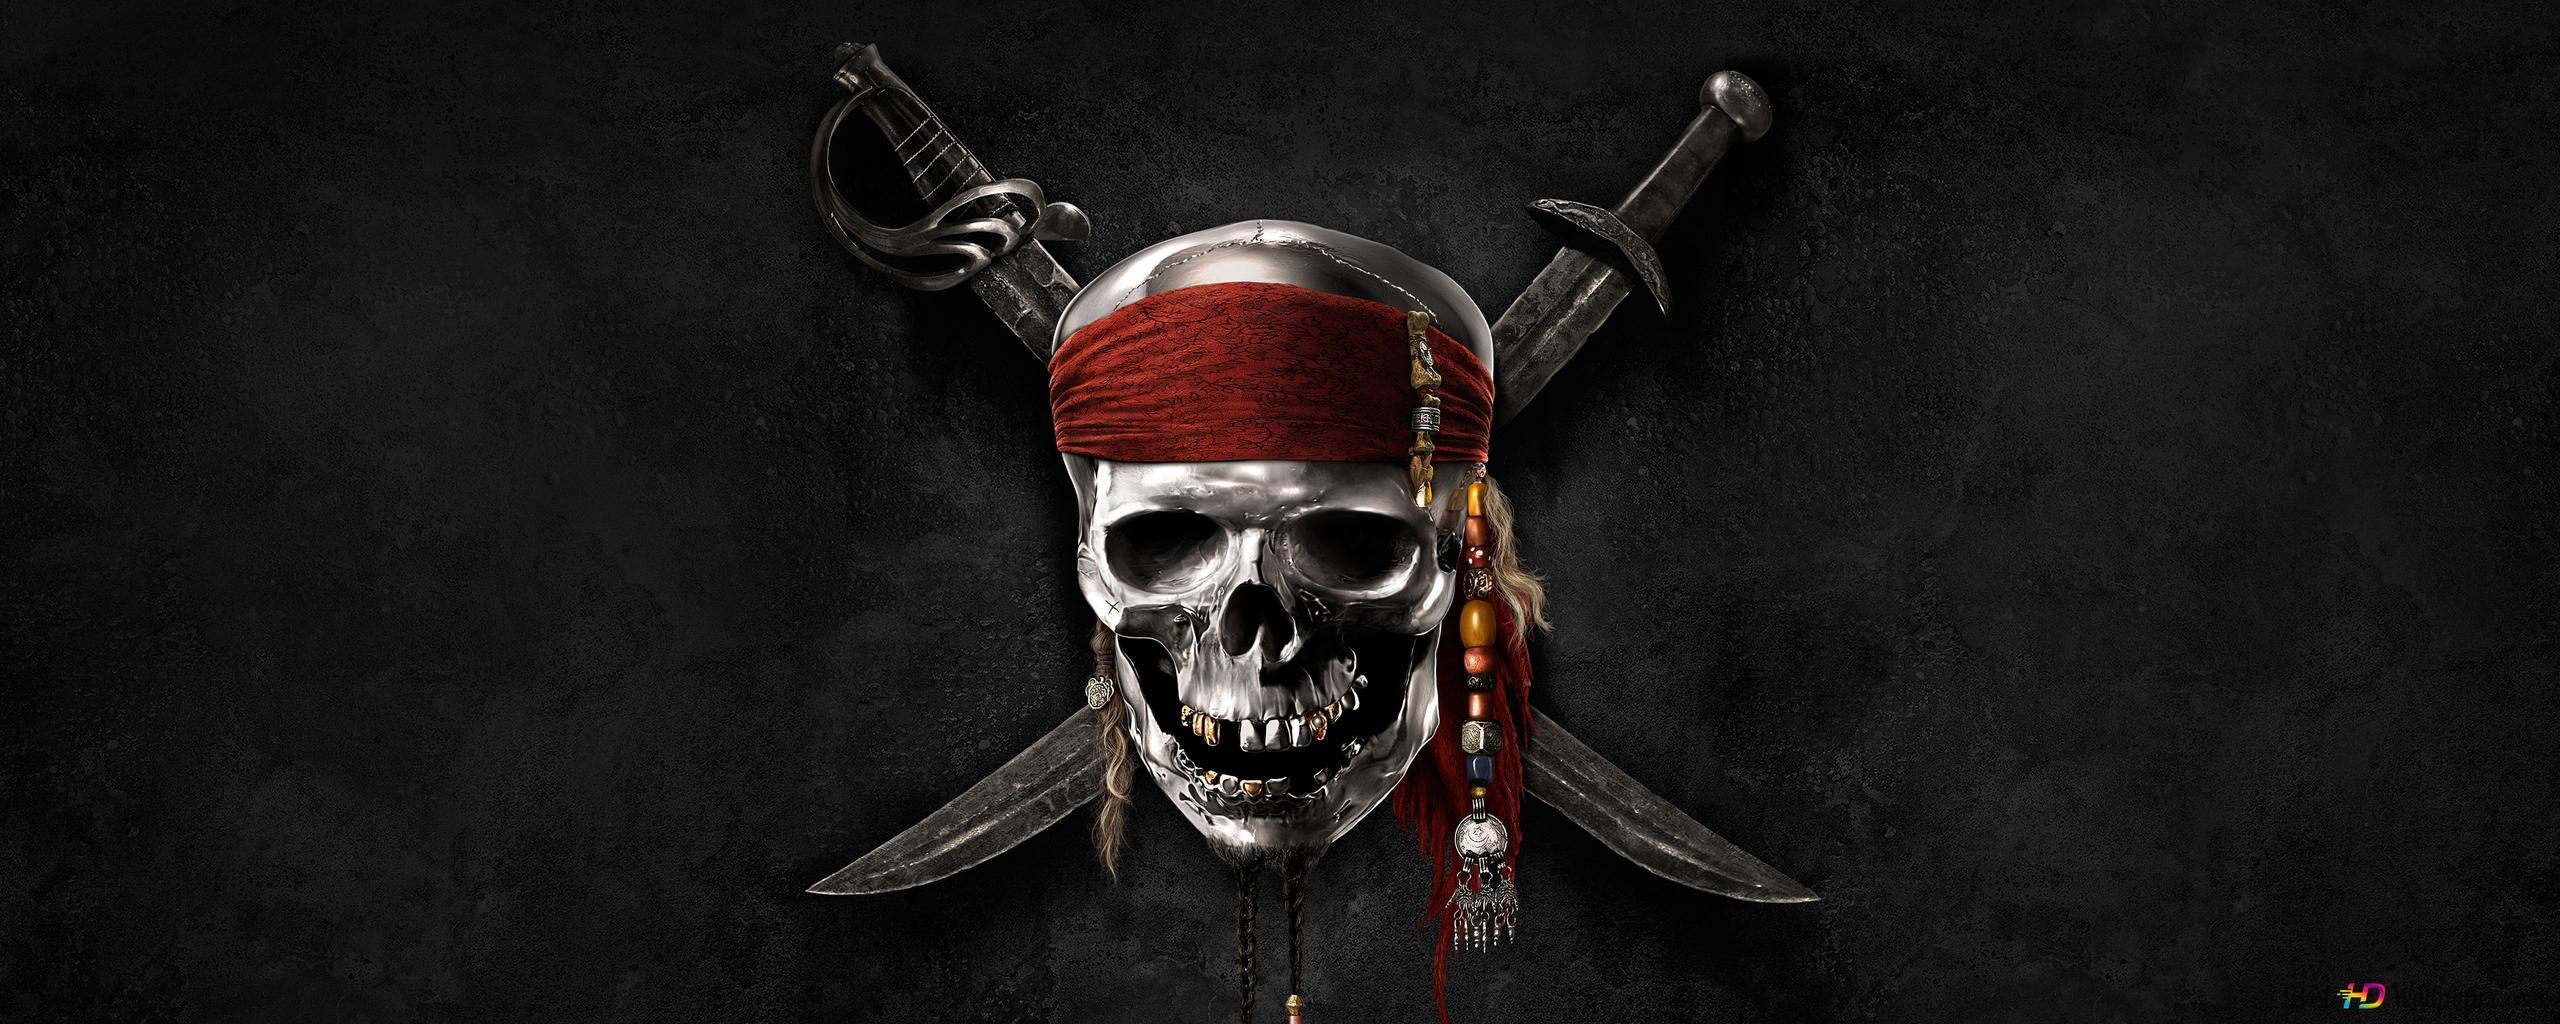 намерена пираты карибского моря флаг фото самого рождения